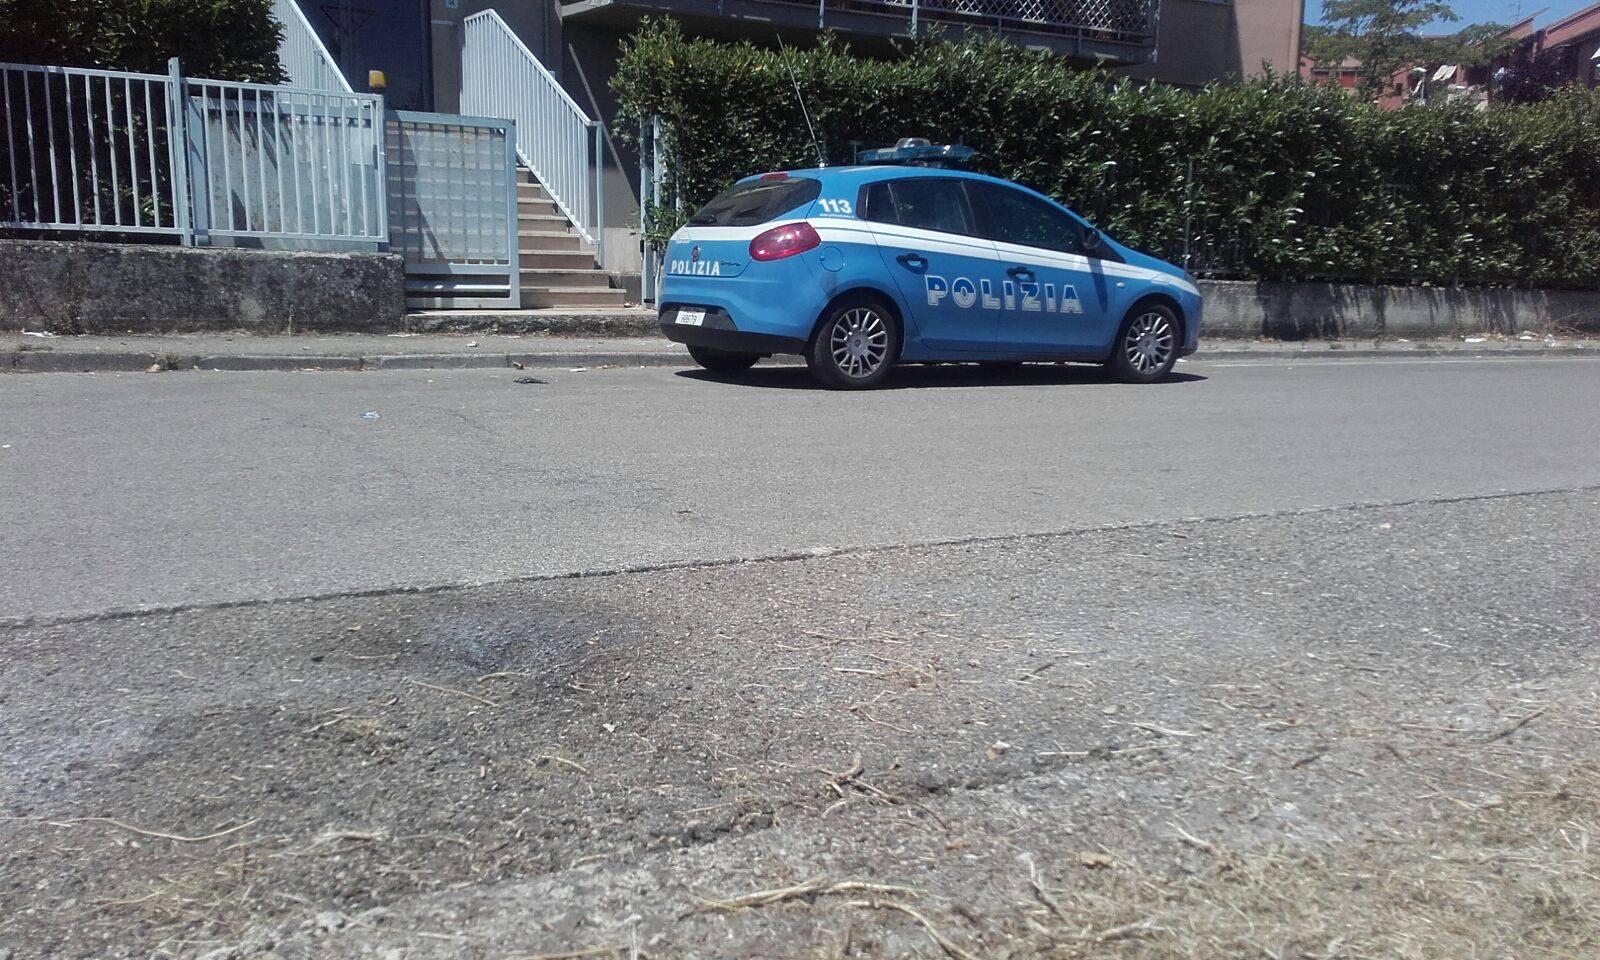 Benevento Paura Per Due Bombe Esplosioni In Centro Storico E